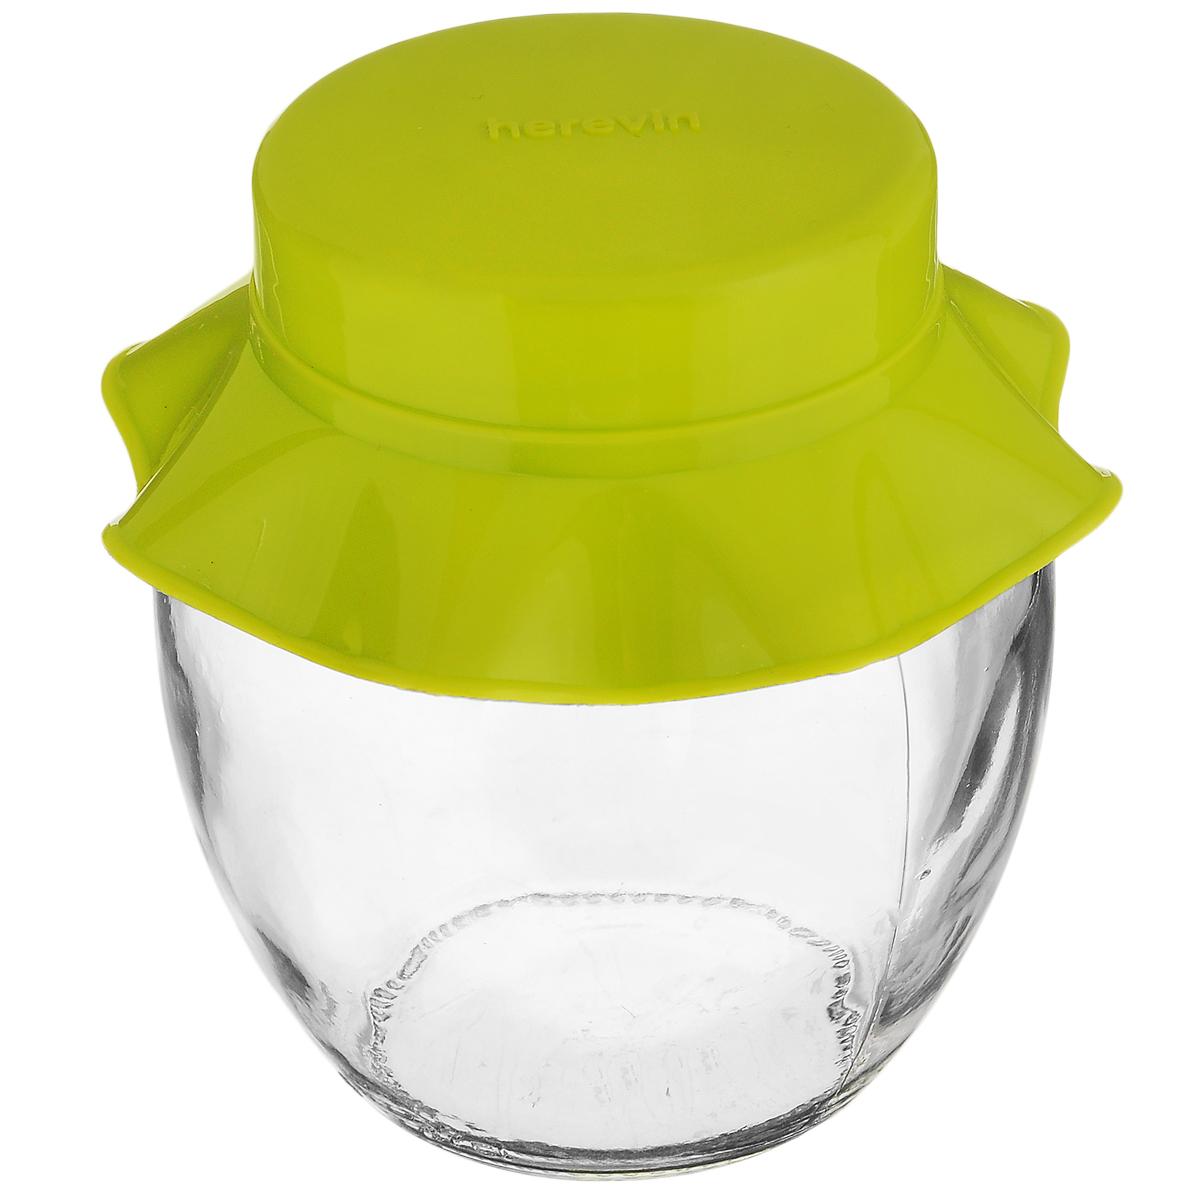 Банка для хранения Herevin, цвет: зеленый, 370 мл131301-000_зеленыйБанка для хранения Herevin выполнена из прозрачного стекла иоснащена пластиковой цветной крышкой.Крышка легко откручивается, благодаря чему засыпать приправу или налить варенье внутрь оченьпросто.Такая баночка станет достойным дополнением к вашему кухонному инвентарю. Можно мыть в посудомоечной машине.Объем: 370 мл. Диаметр (по верхнему краю): 5,5 см. Высота банки (без учета крышки): 10 см.